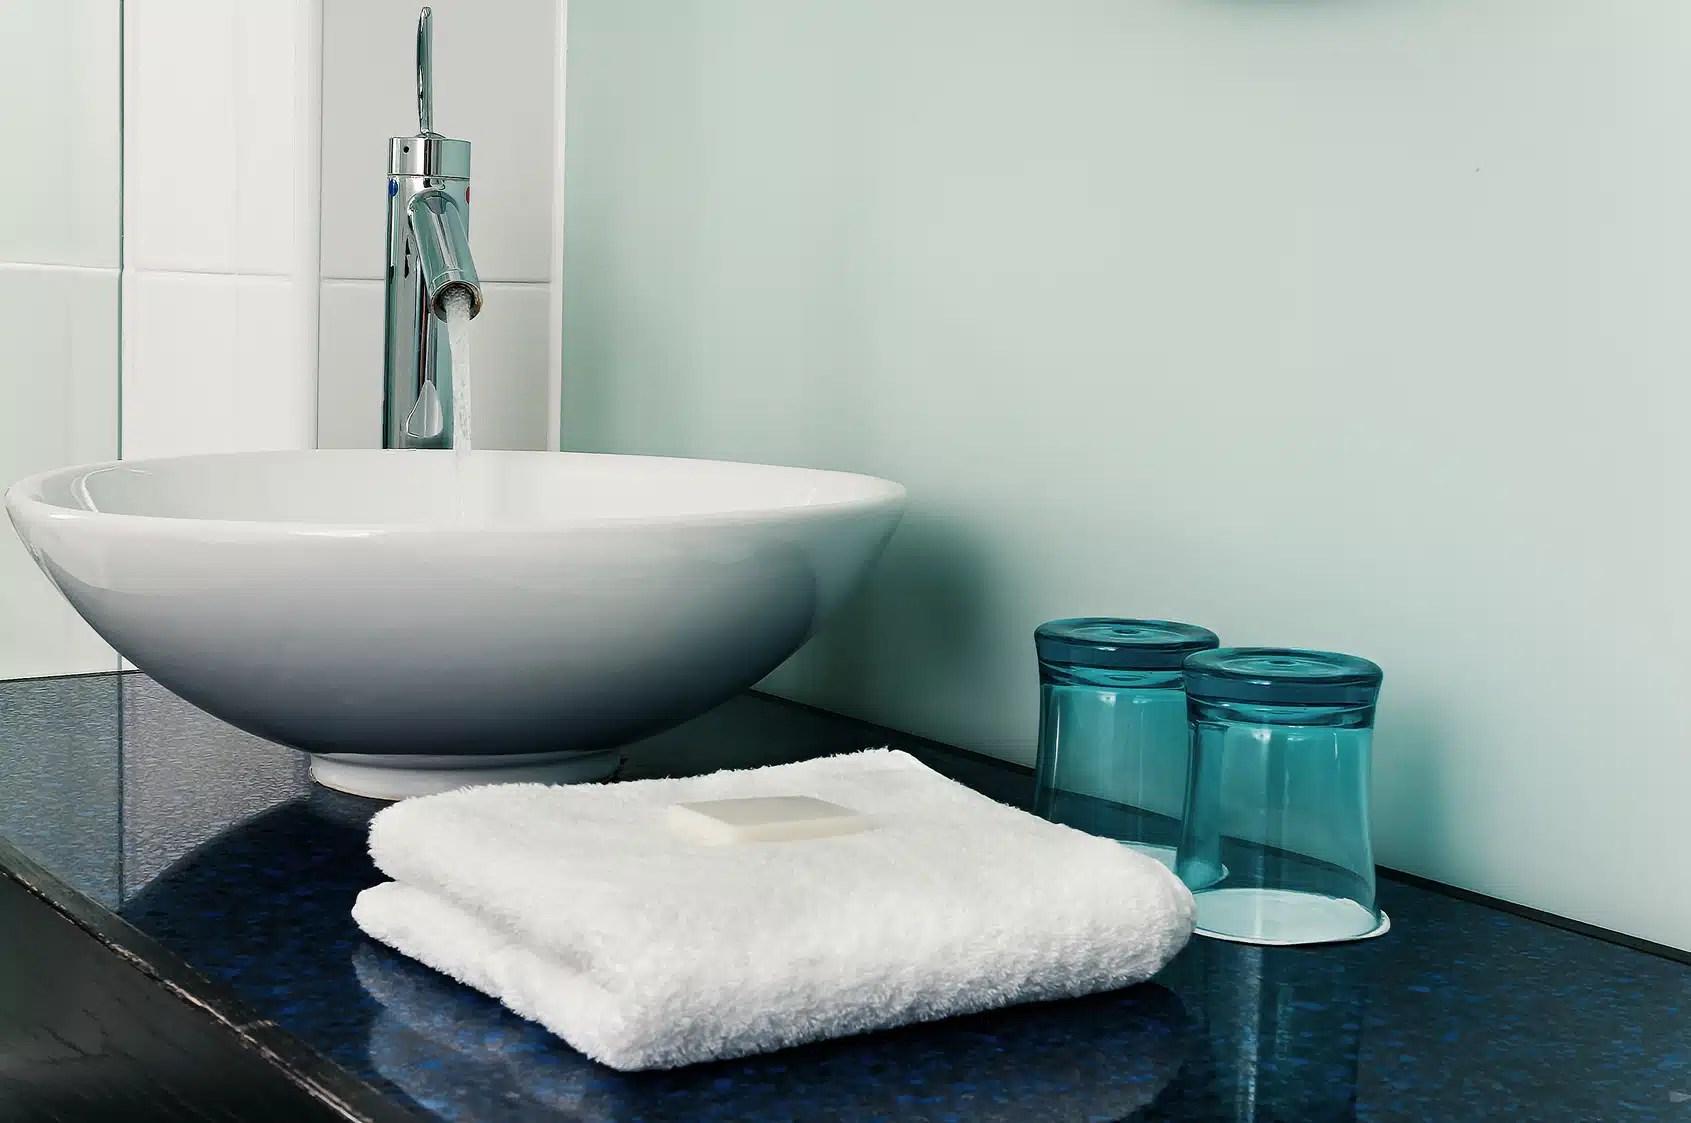 Prix de la pose dun lavabo dans votre salle de bain  devis